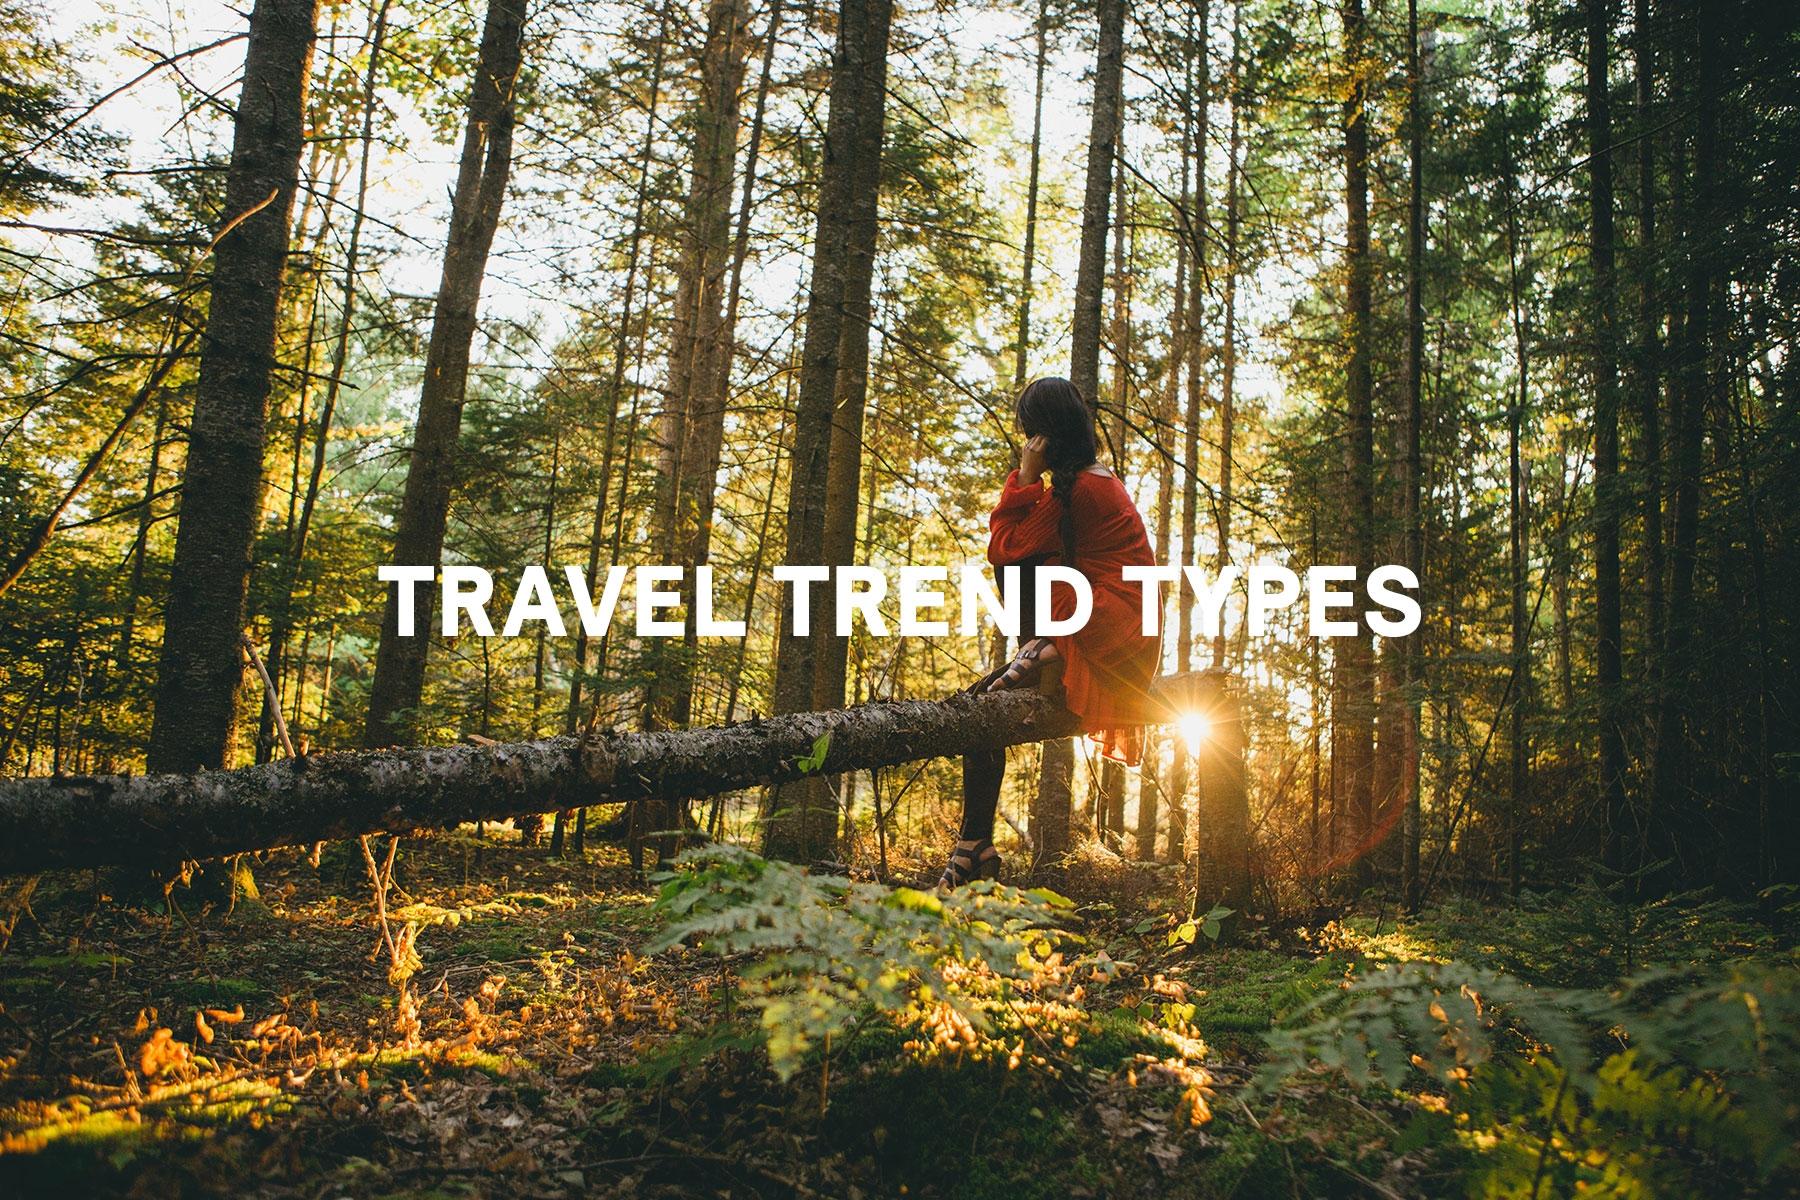 Travel Trend Types